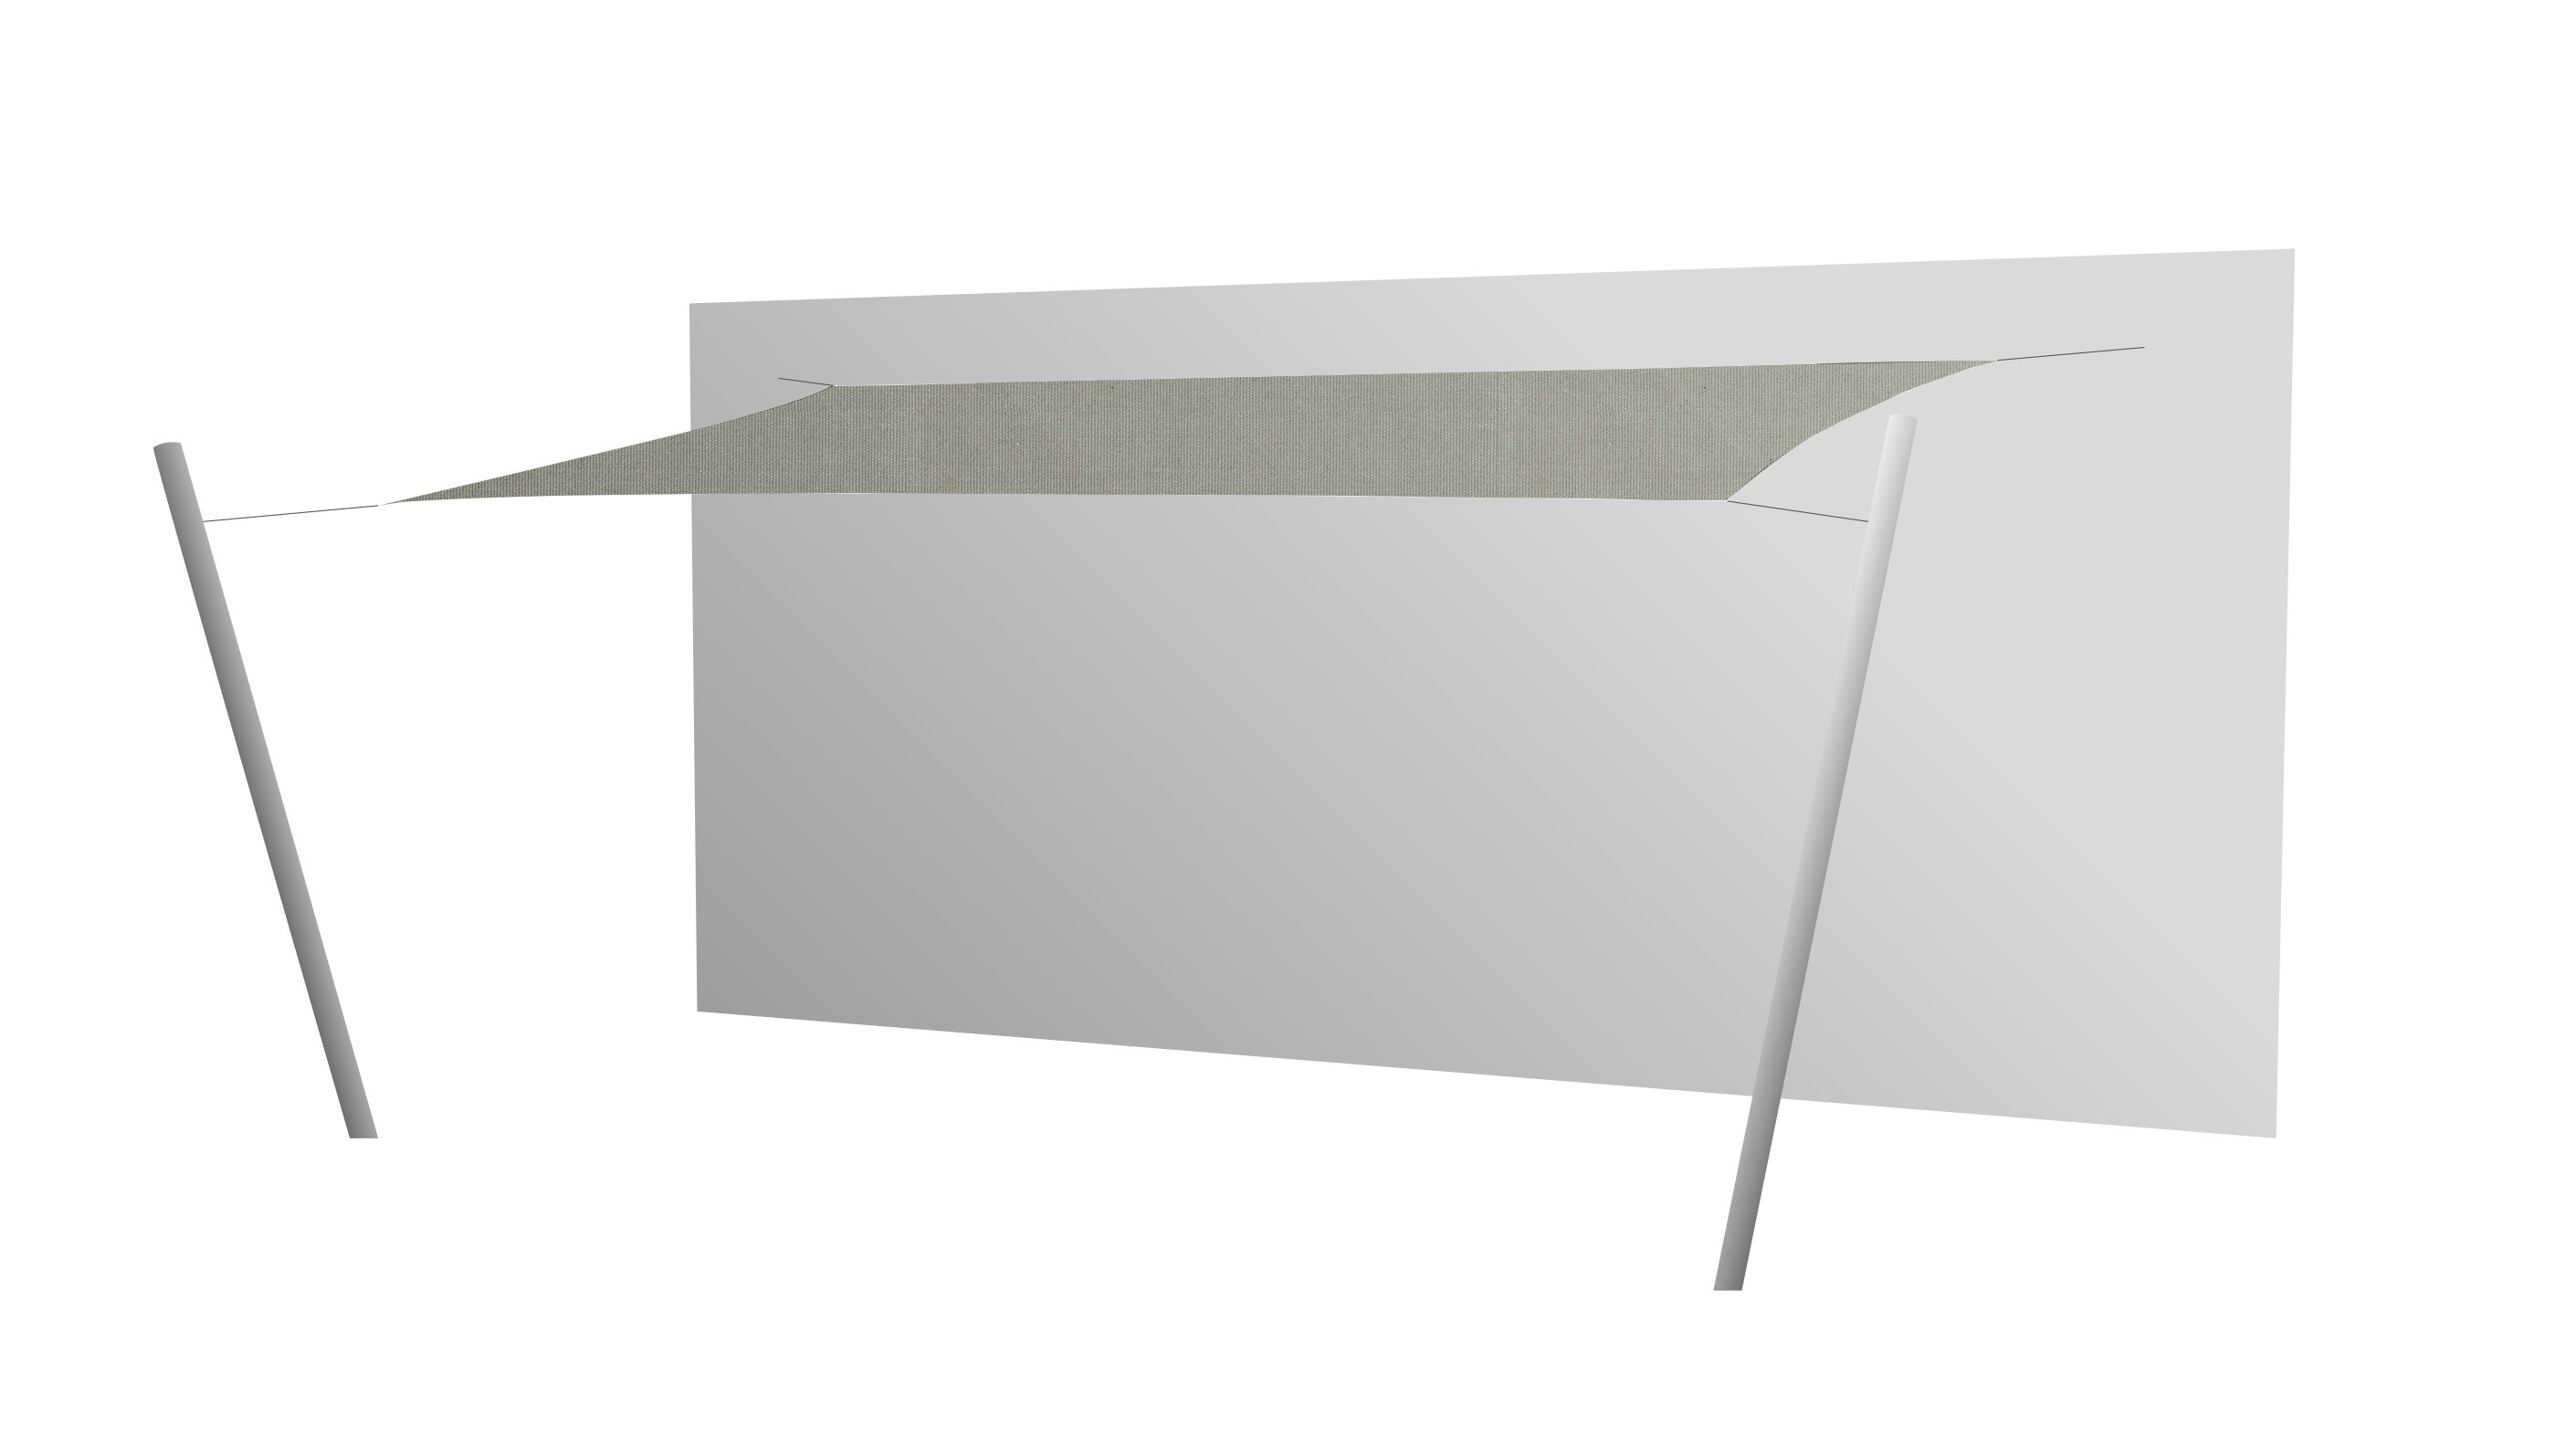 Toile Ombrage Au Metre voile d'ombrage rectangulaire 5x3 ingenua de umbrosa, 4 coloris